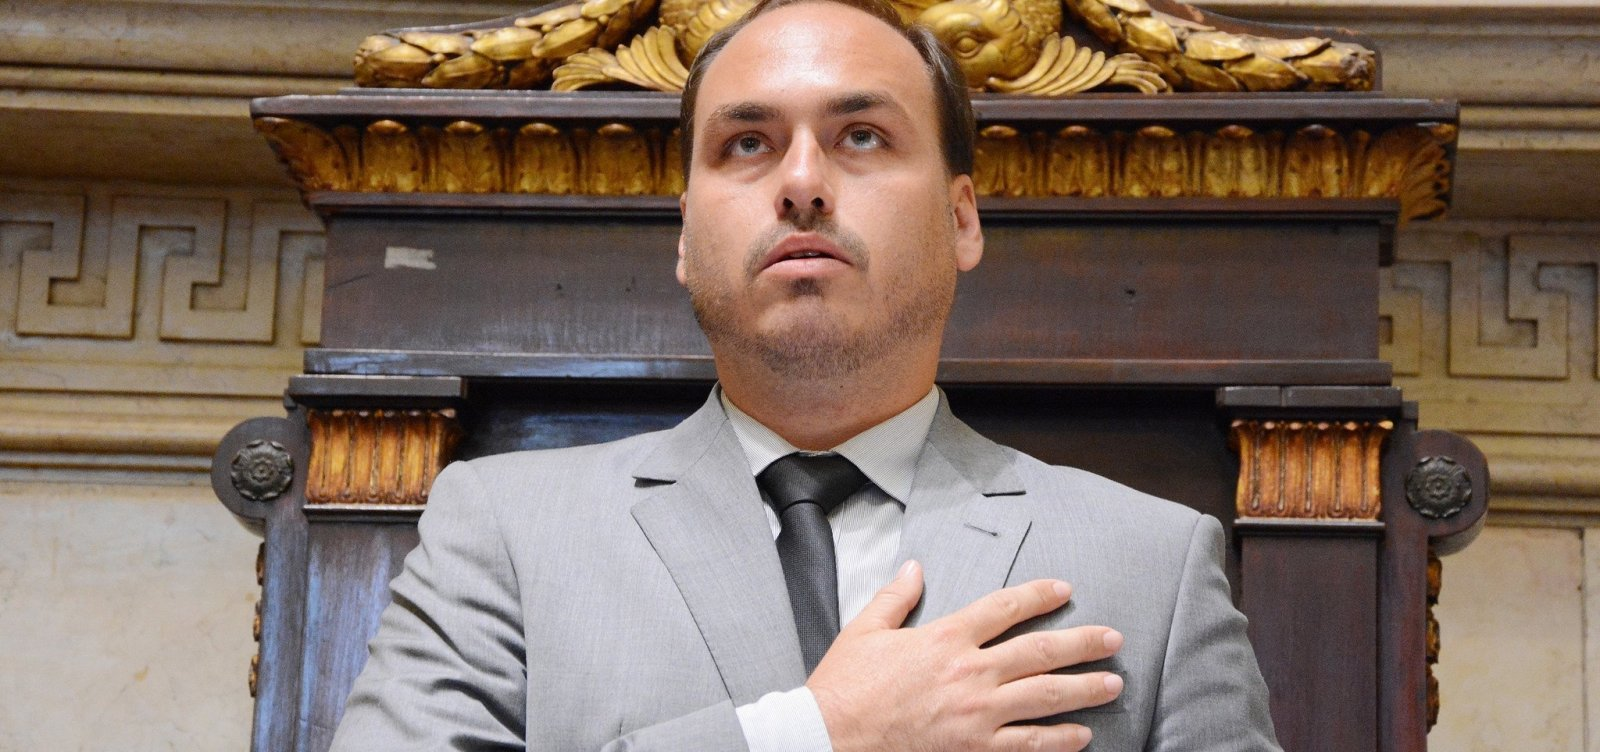 Após postagem, filho de Bolsonaro é acionado por apologia à tortura